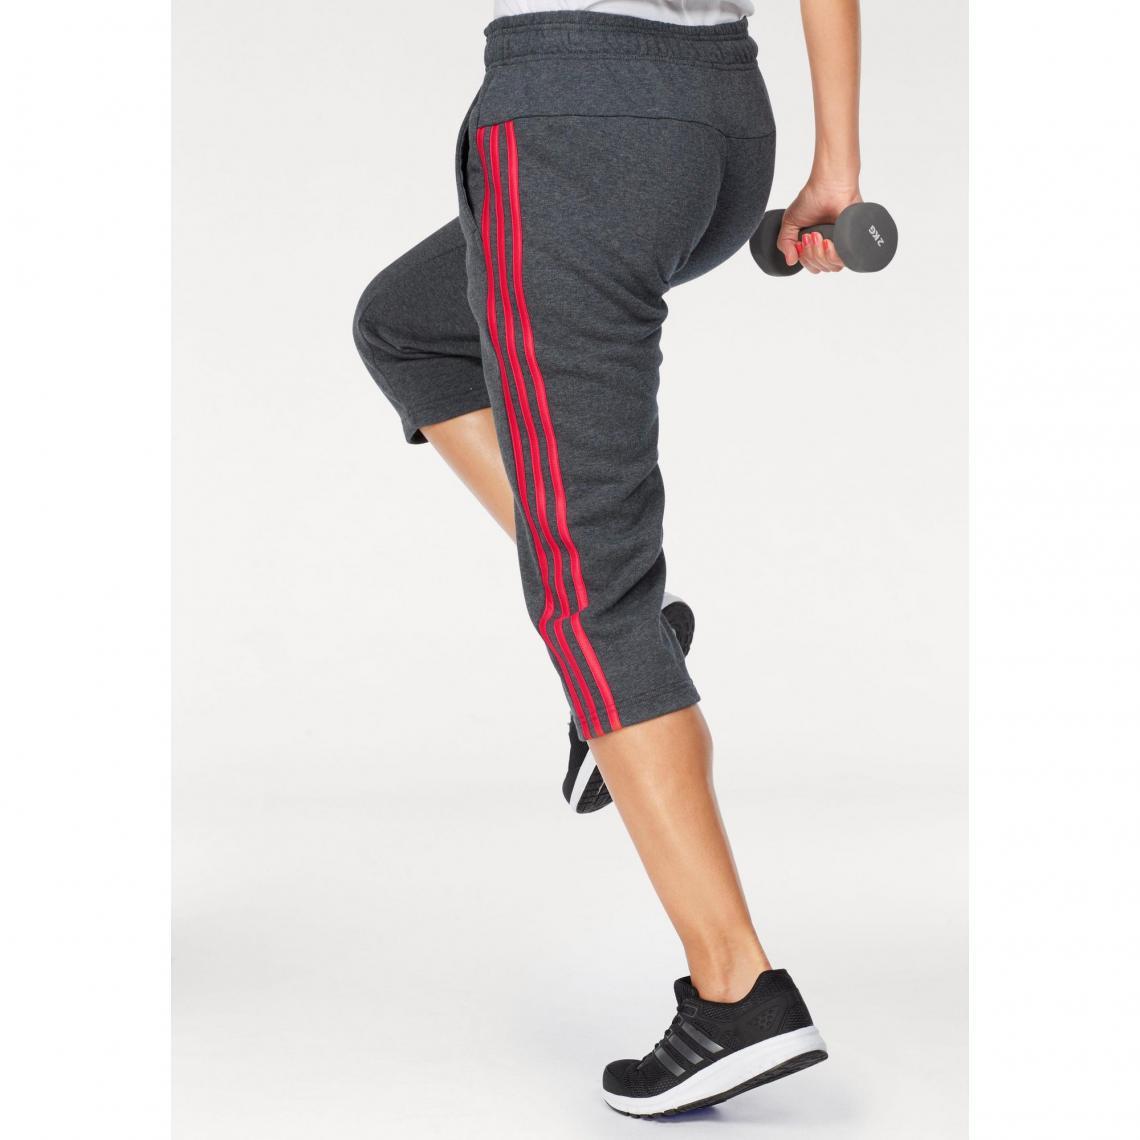 Jogging adidas Performance Essential 3S 34 pant femme - Gris  4d52d694521